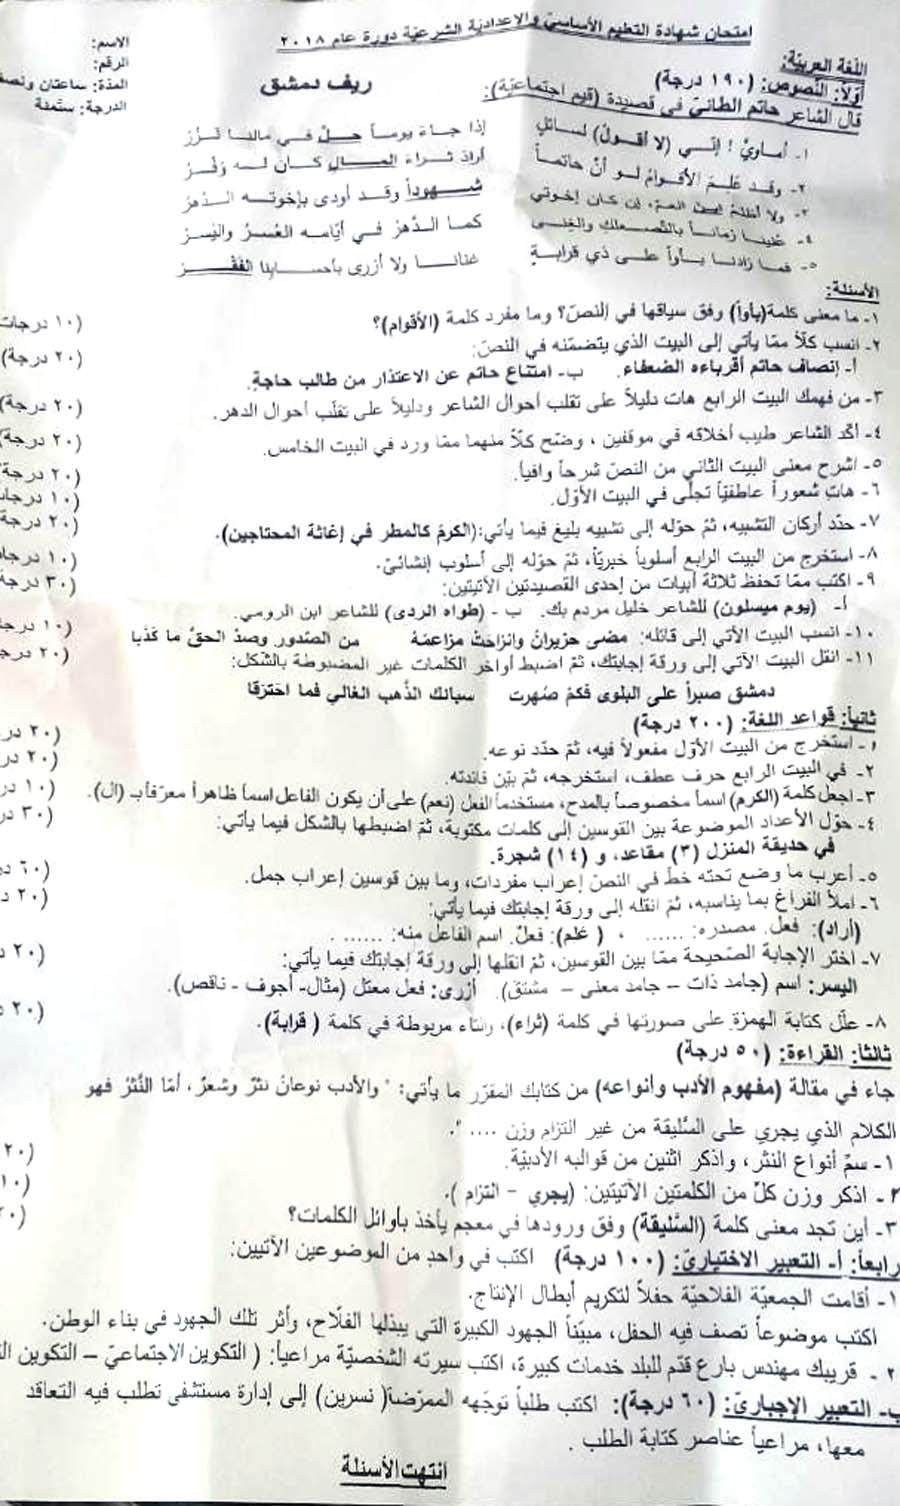 ريف دمشق ورقة اسئلة اللغة العربية للامتحان النهائي لطلاب شهادة التعليم الأساسي 2018 - التاسع سوريا